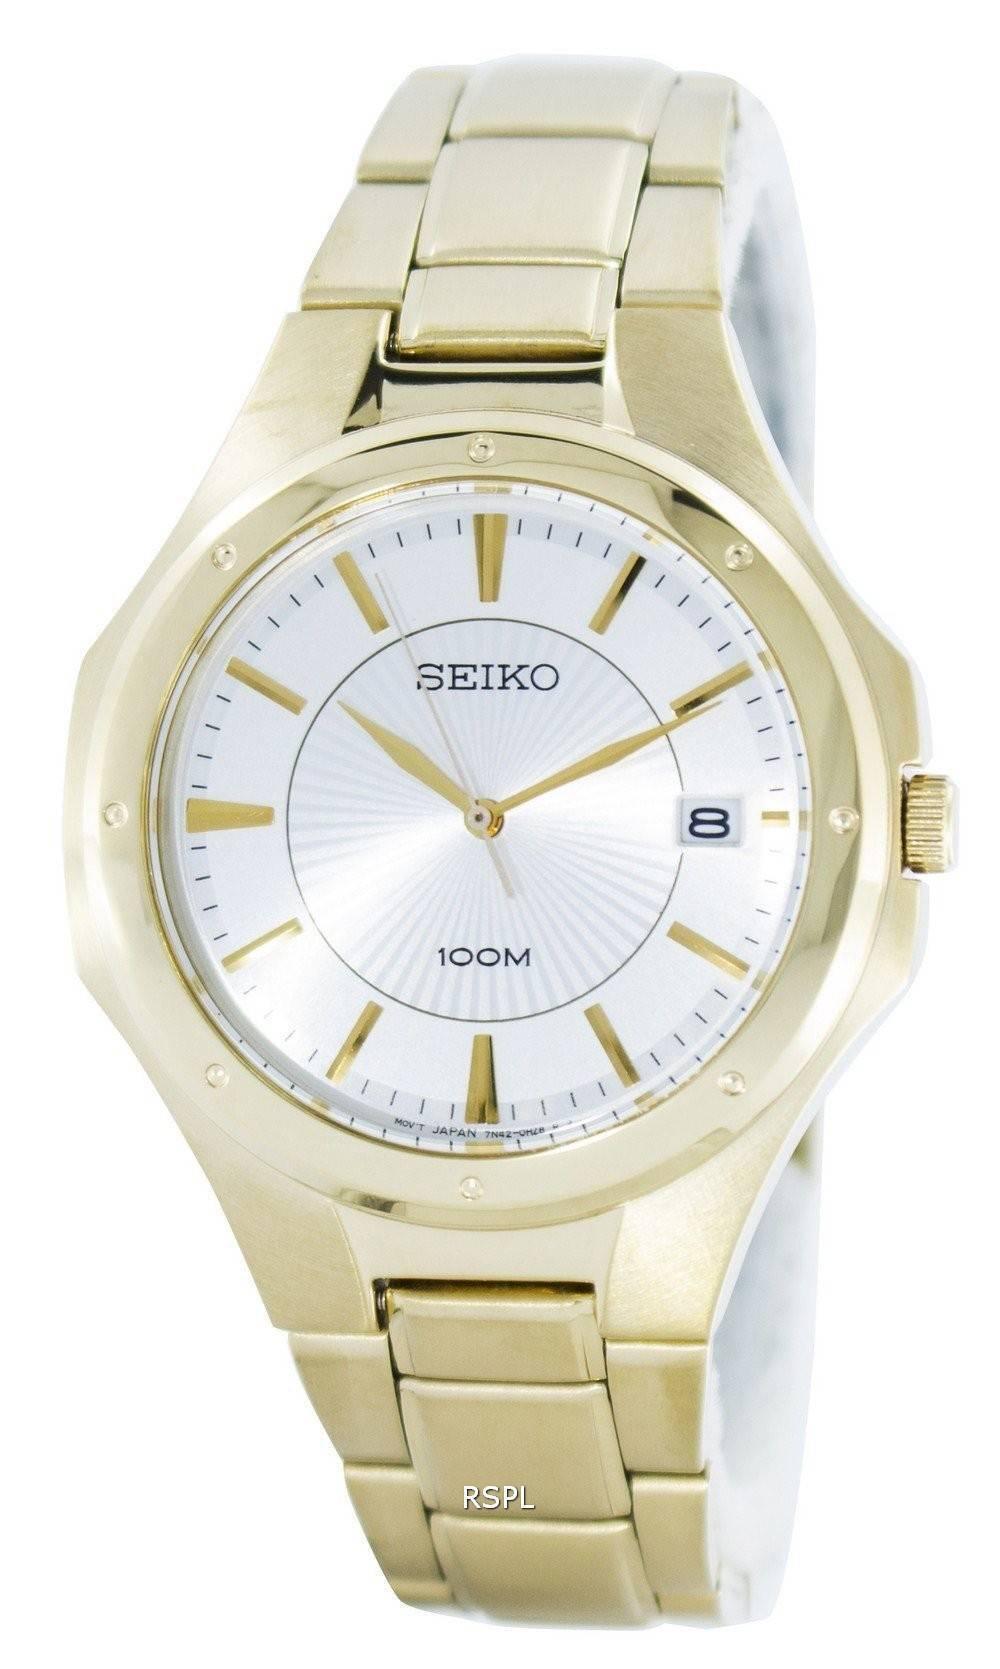 2a0cbf1bfb6 Seiko Quartz Analog Gold Tone SGEF64 SGEF64P1 SGEF64P Men's Watch